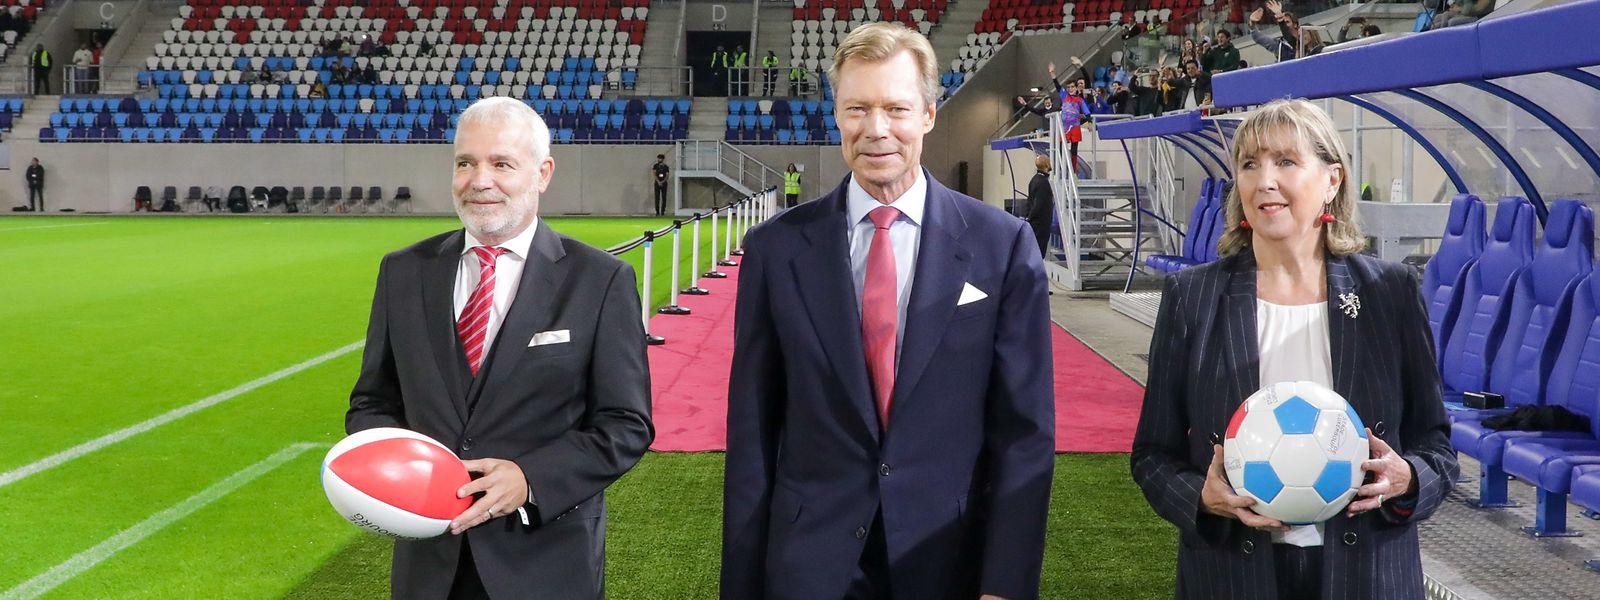 Sportminister Dan Kersch, Großherzog Henri und Bürgermeisterin Lydie Polfer (v.l.n.r.) weihten das Stadion am Samstagabend ein.